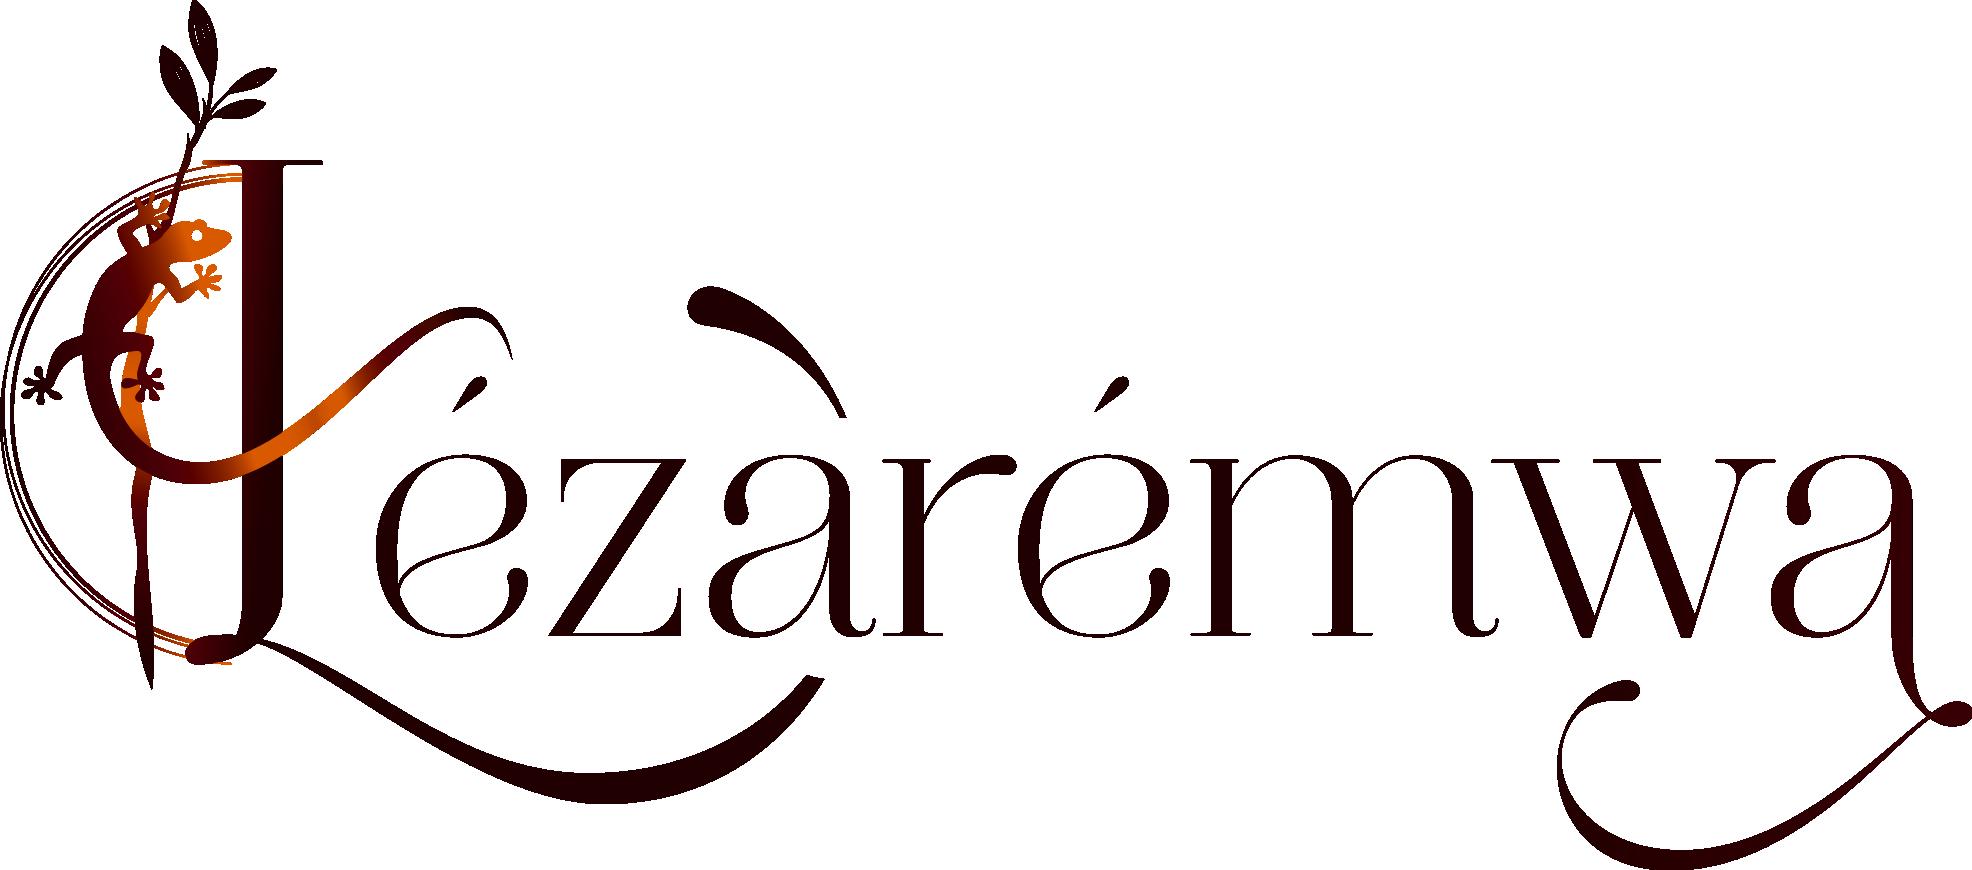 Lézarémwa